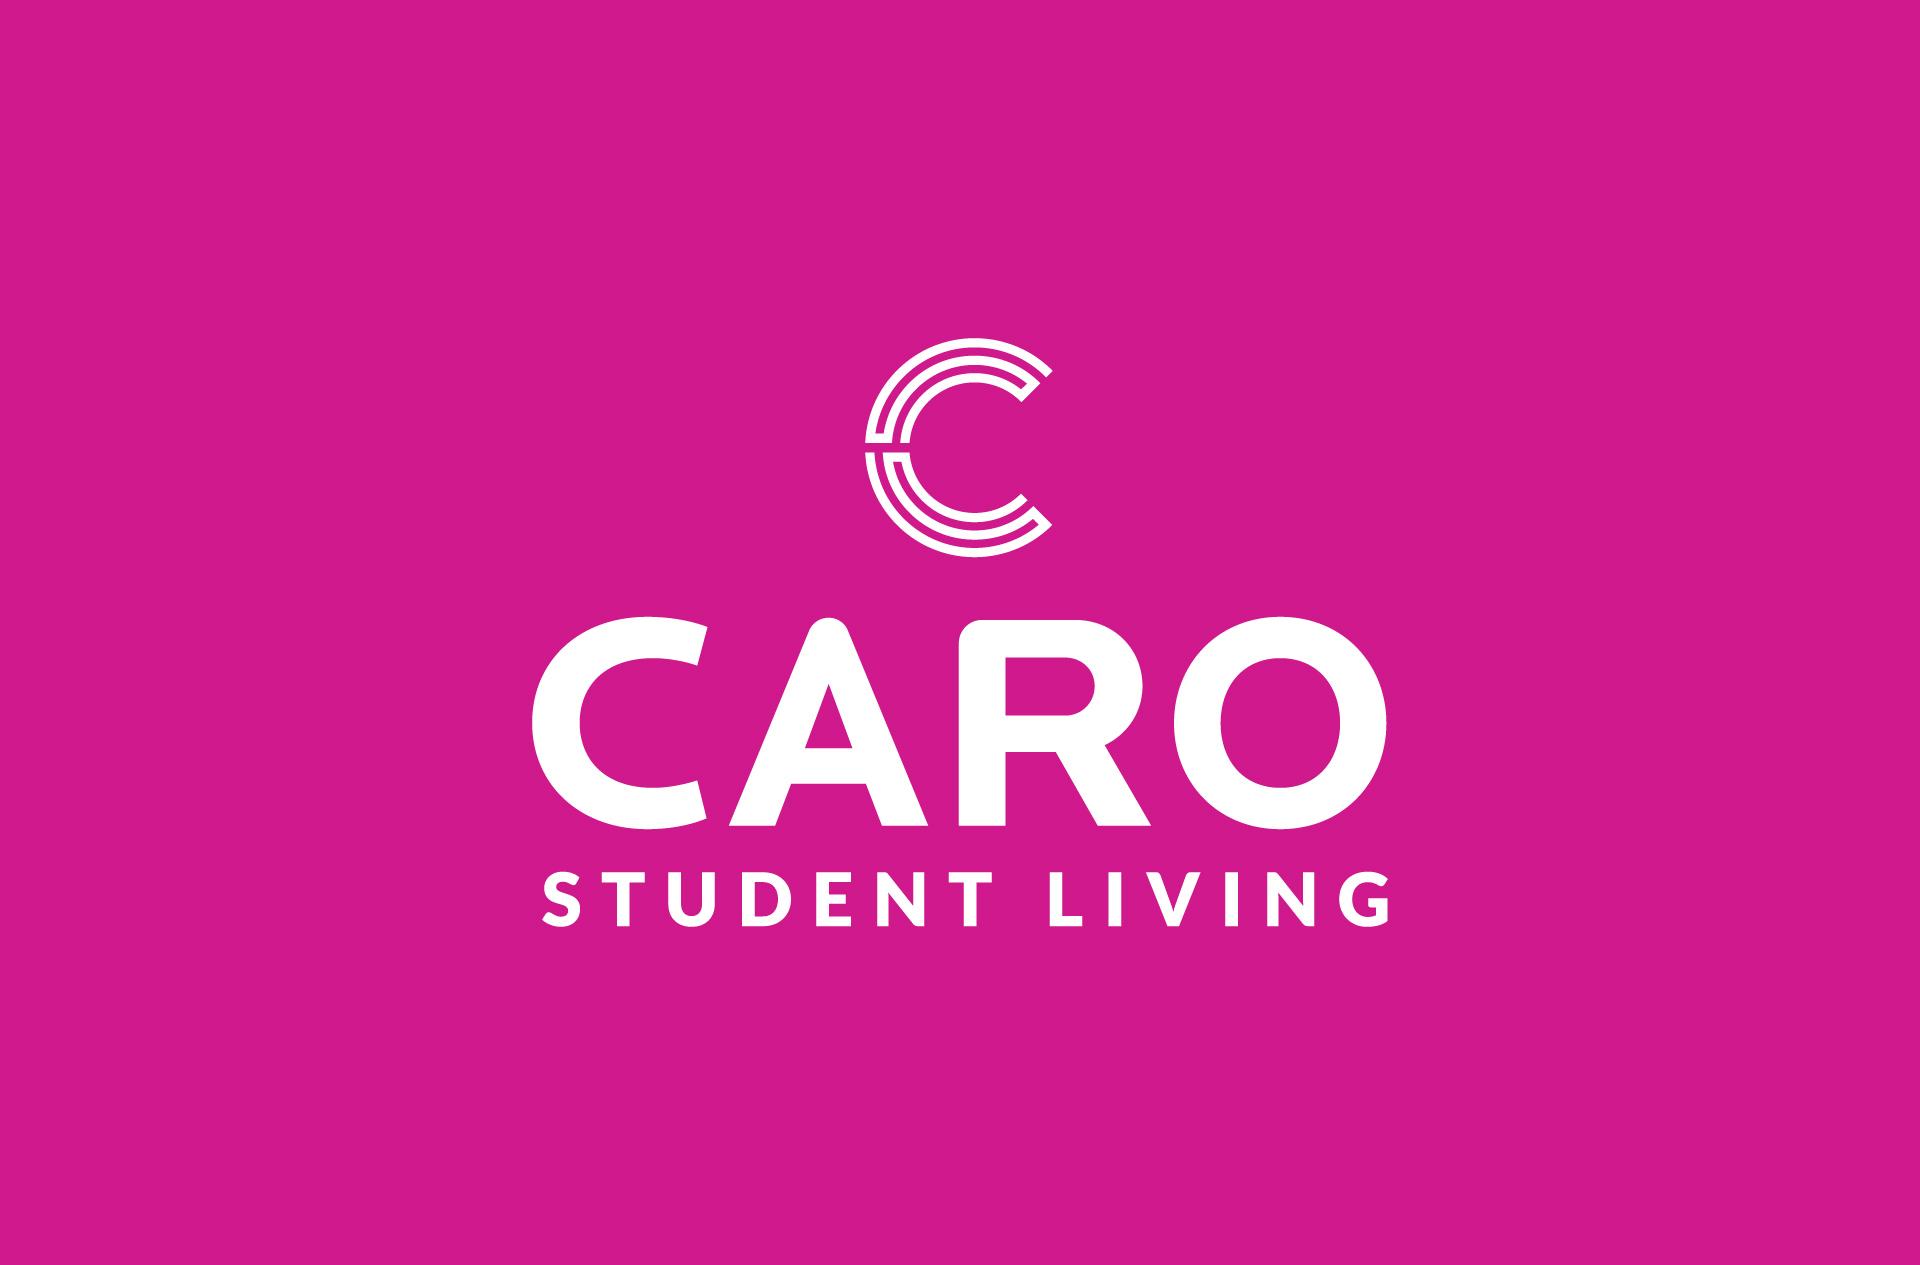 Logo design for Caro Student Living & Group